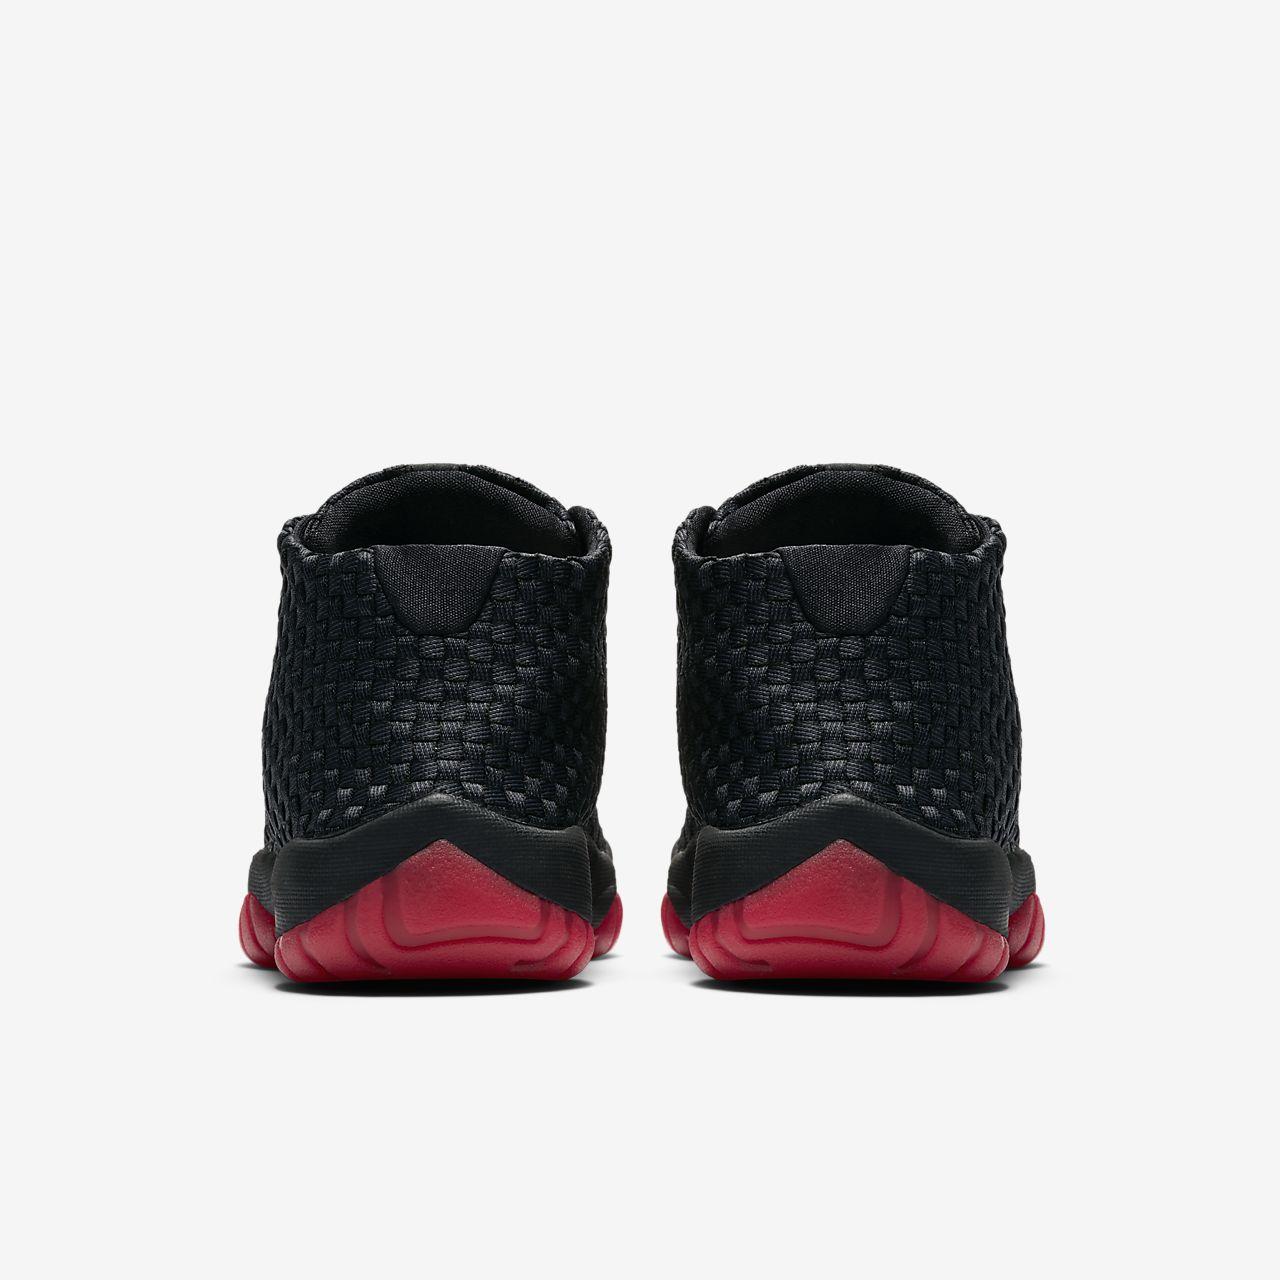 premium selection d7710 d6991 ... Chaussure Air Jordan Future pour Homme